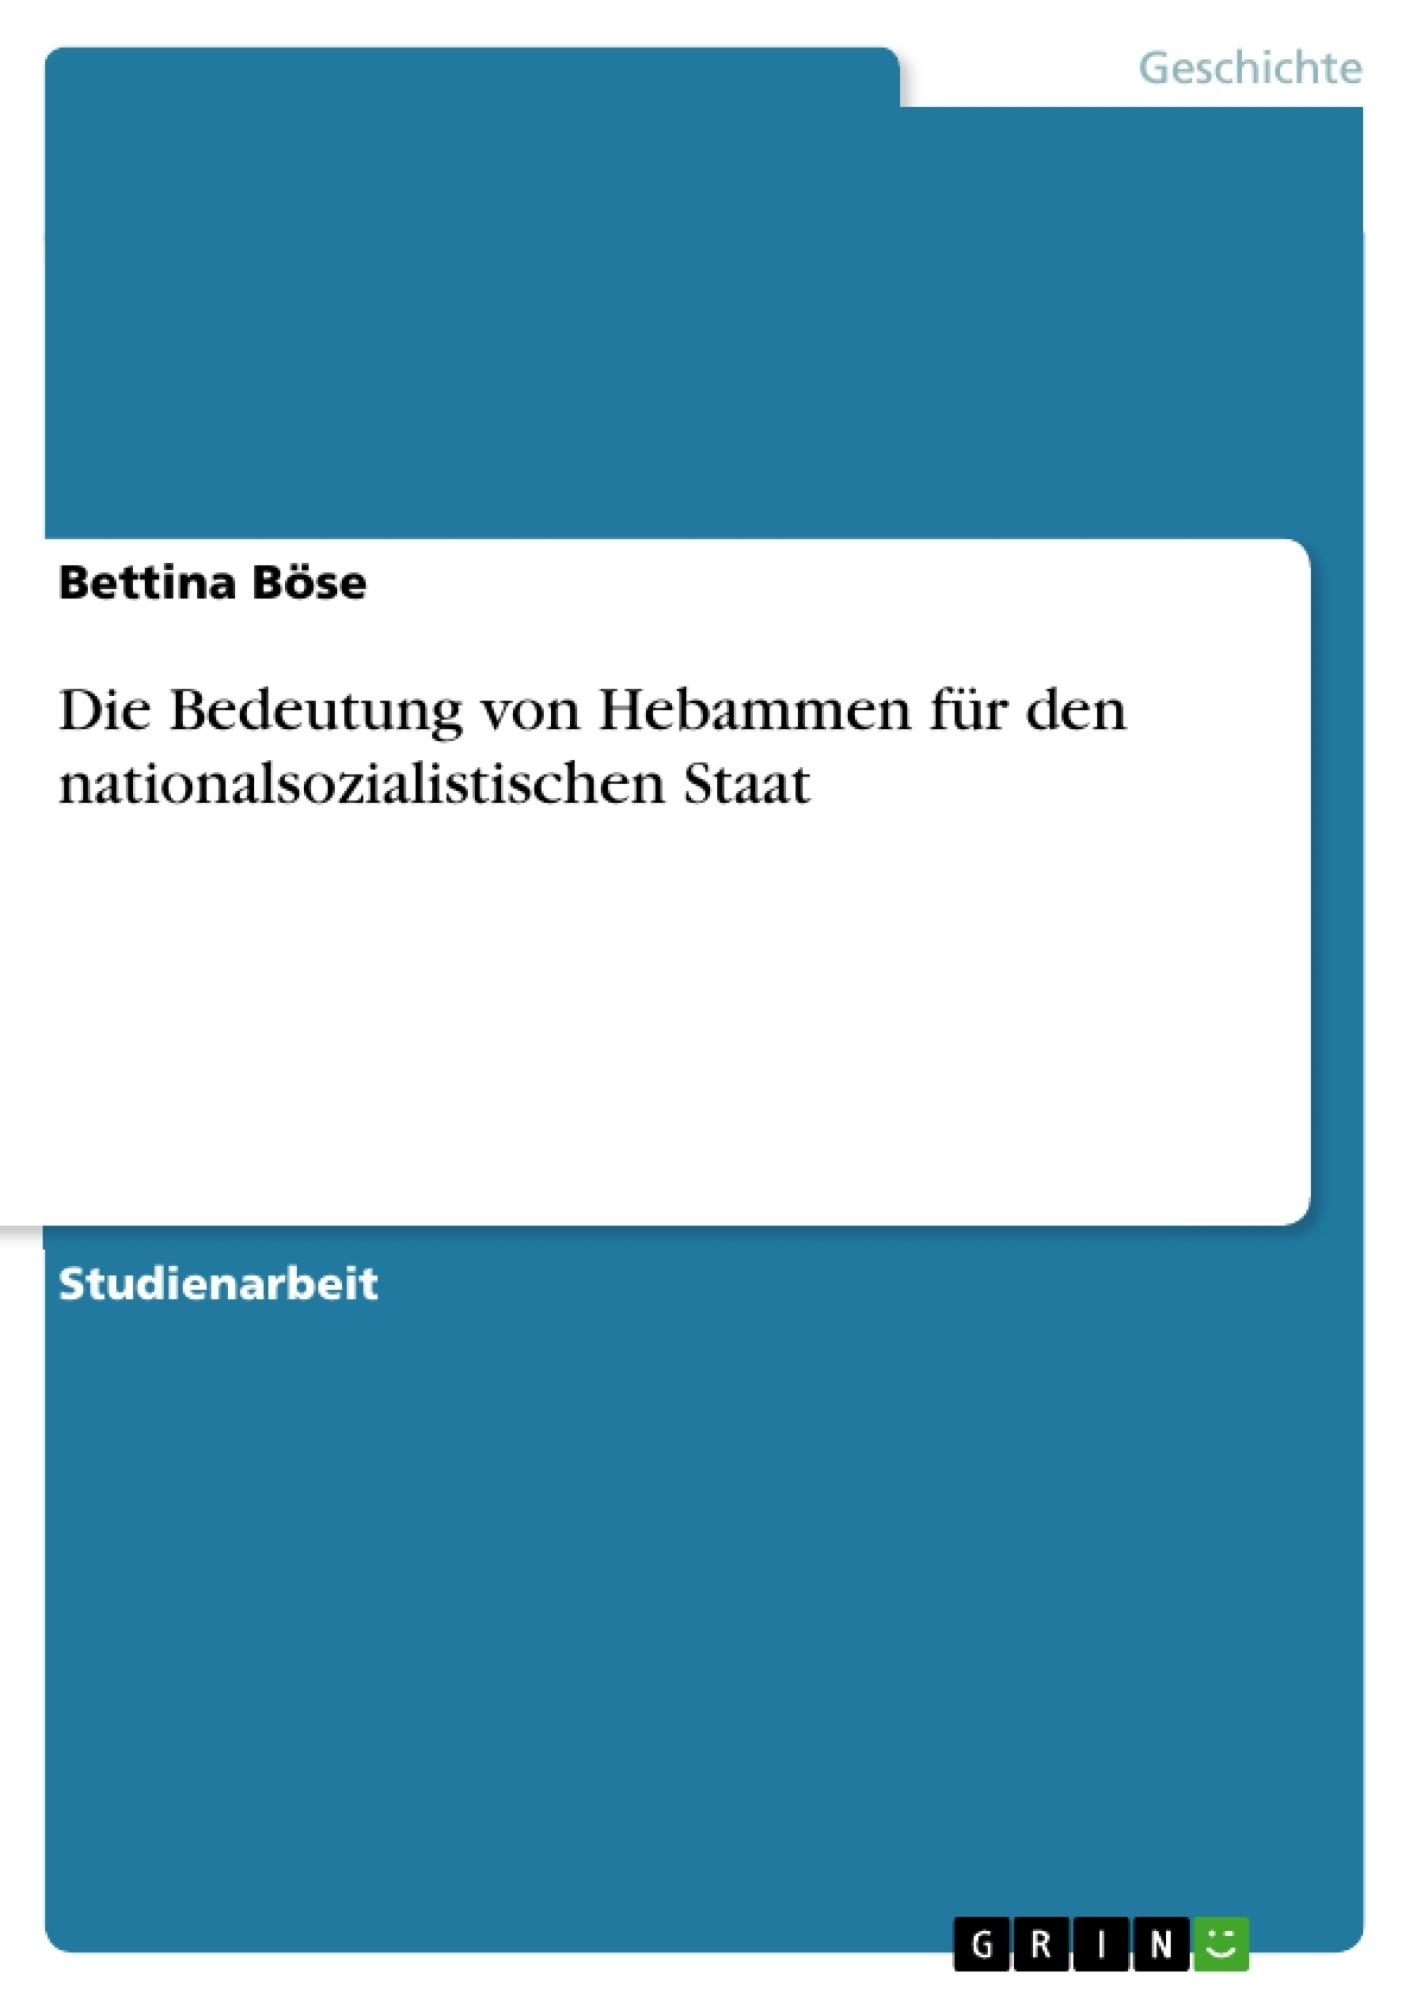 Titel: Die Bedeutung von Hebammen für den nationalsozialistischen Staat